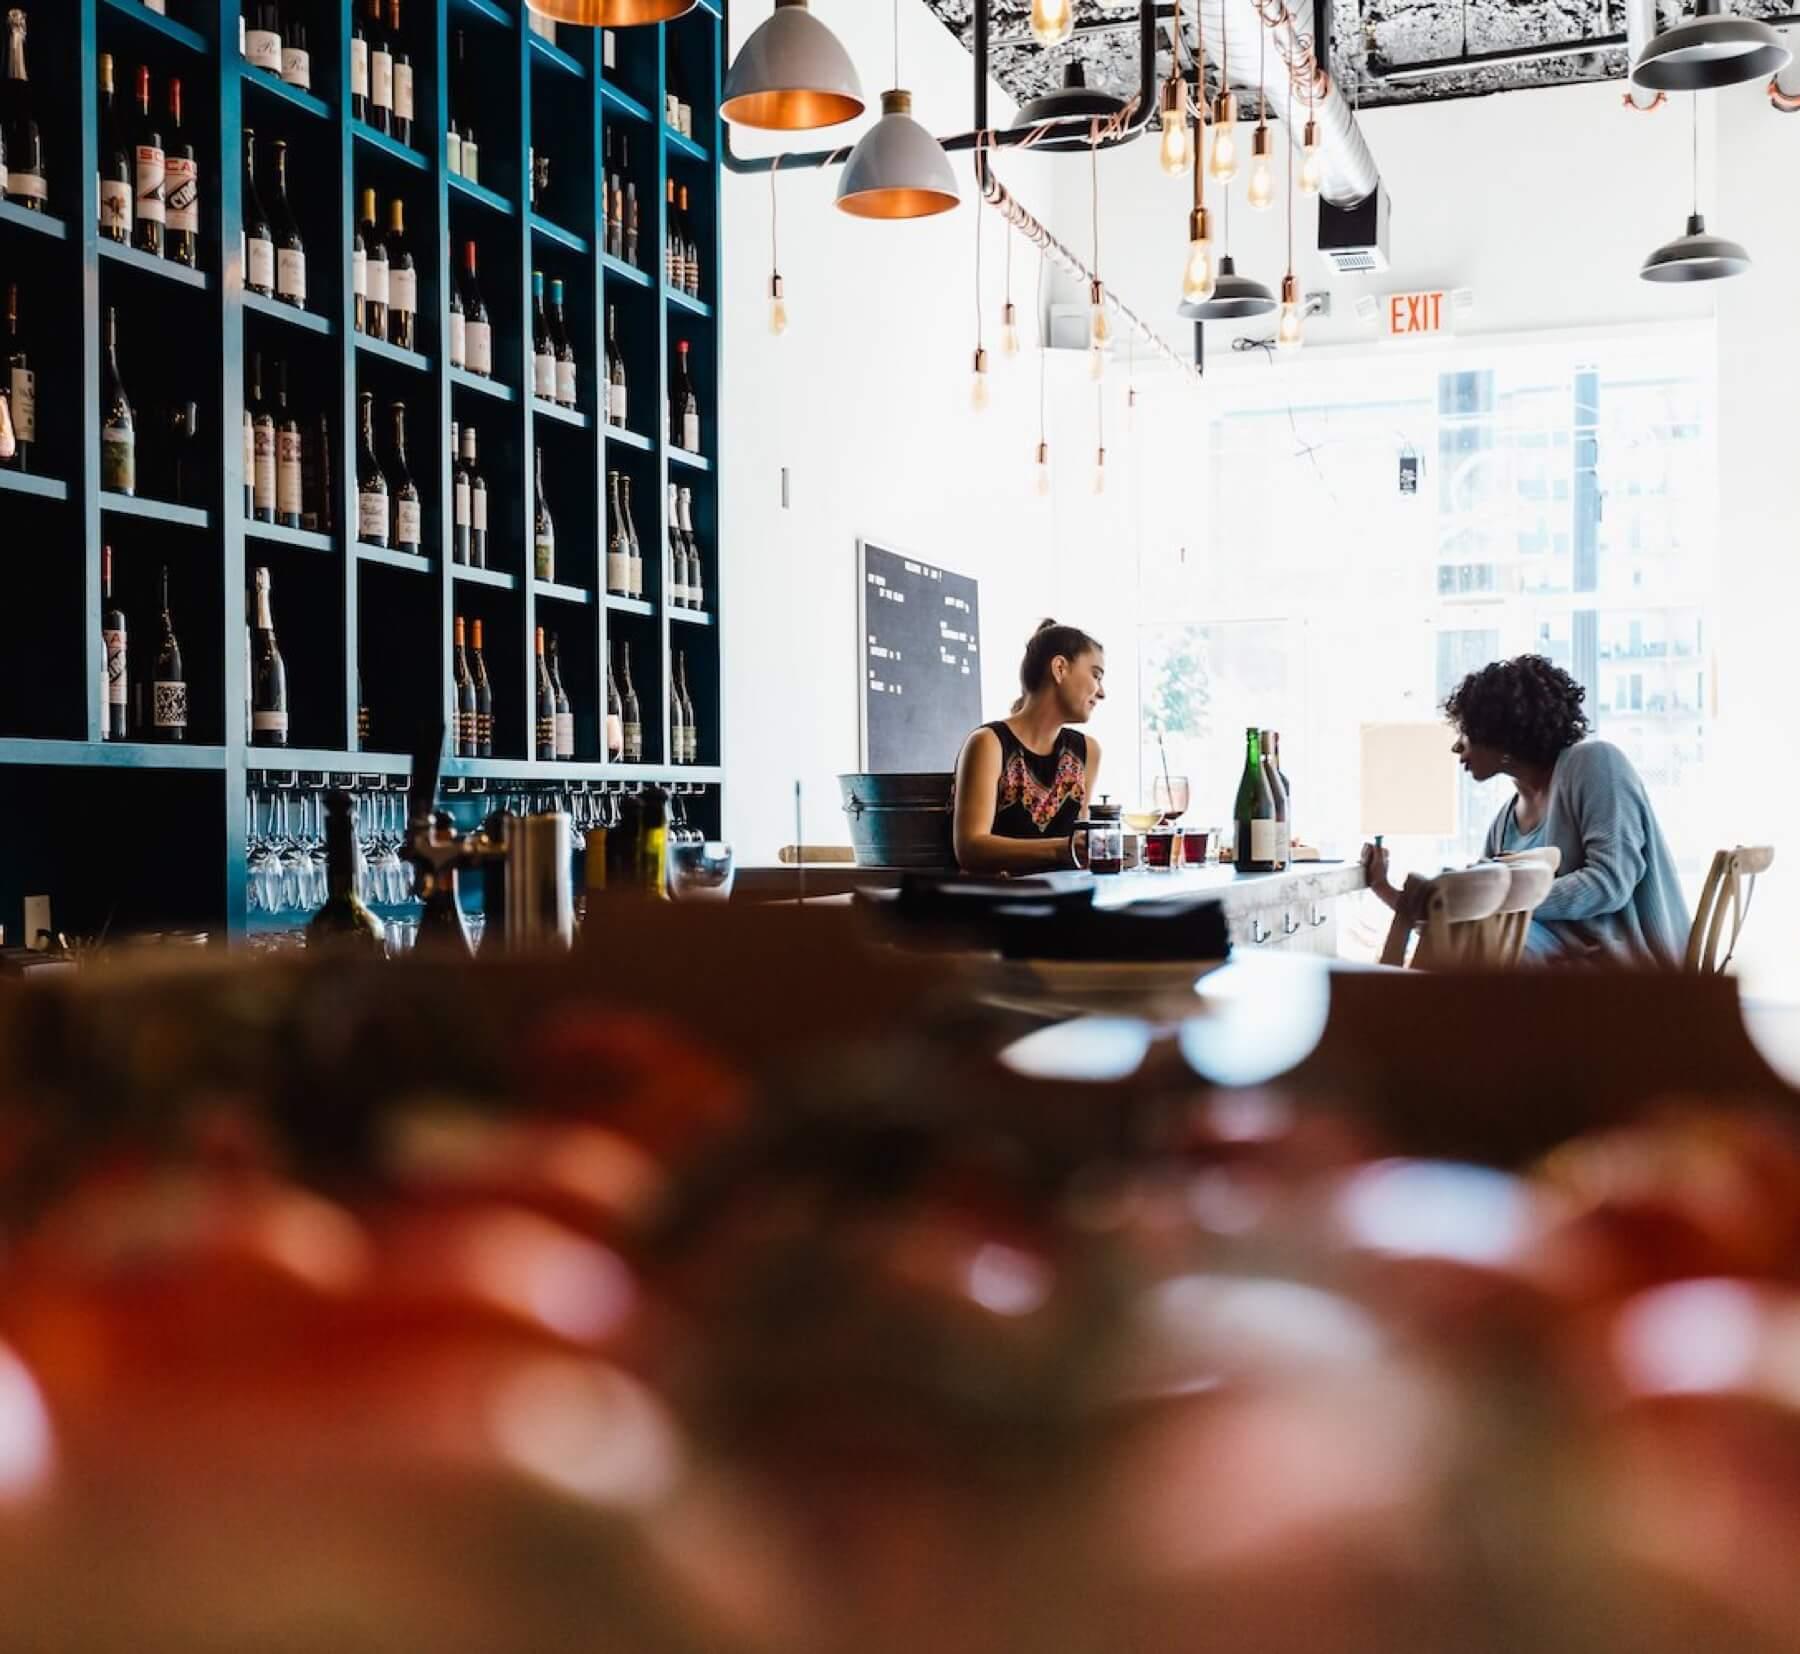 Dio natural wine bar in Washington, DC